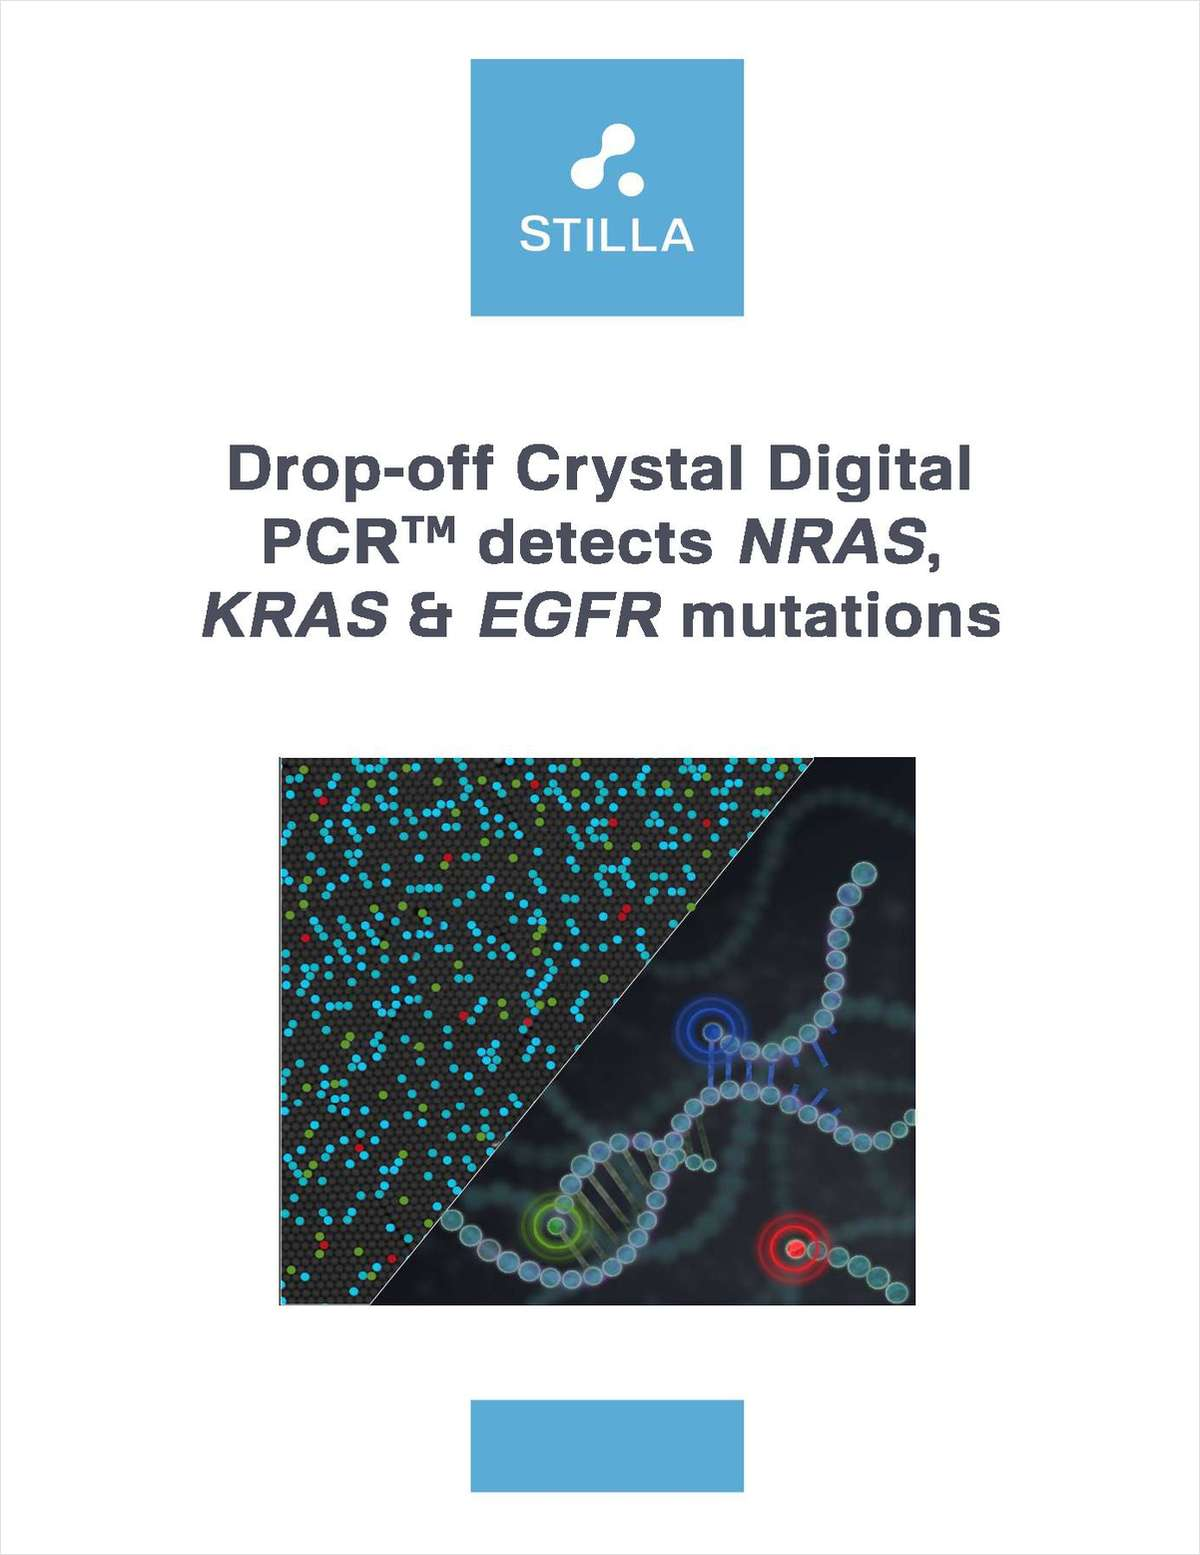 Drop-off Crystal Digital PCR for NRAS, KRAS, & EGFR Mutations